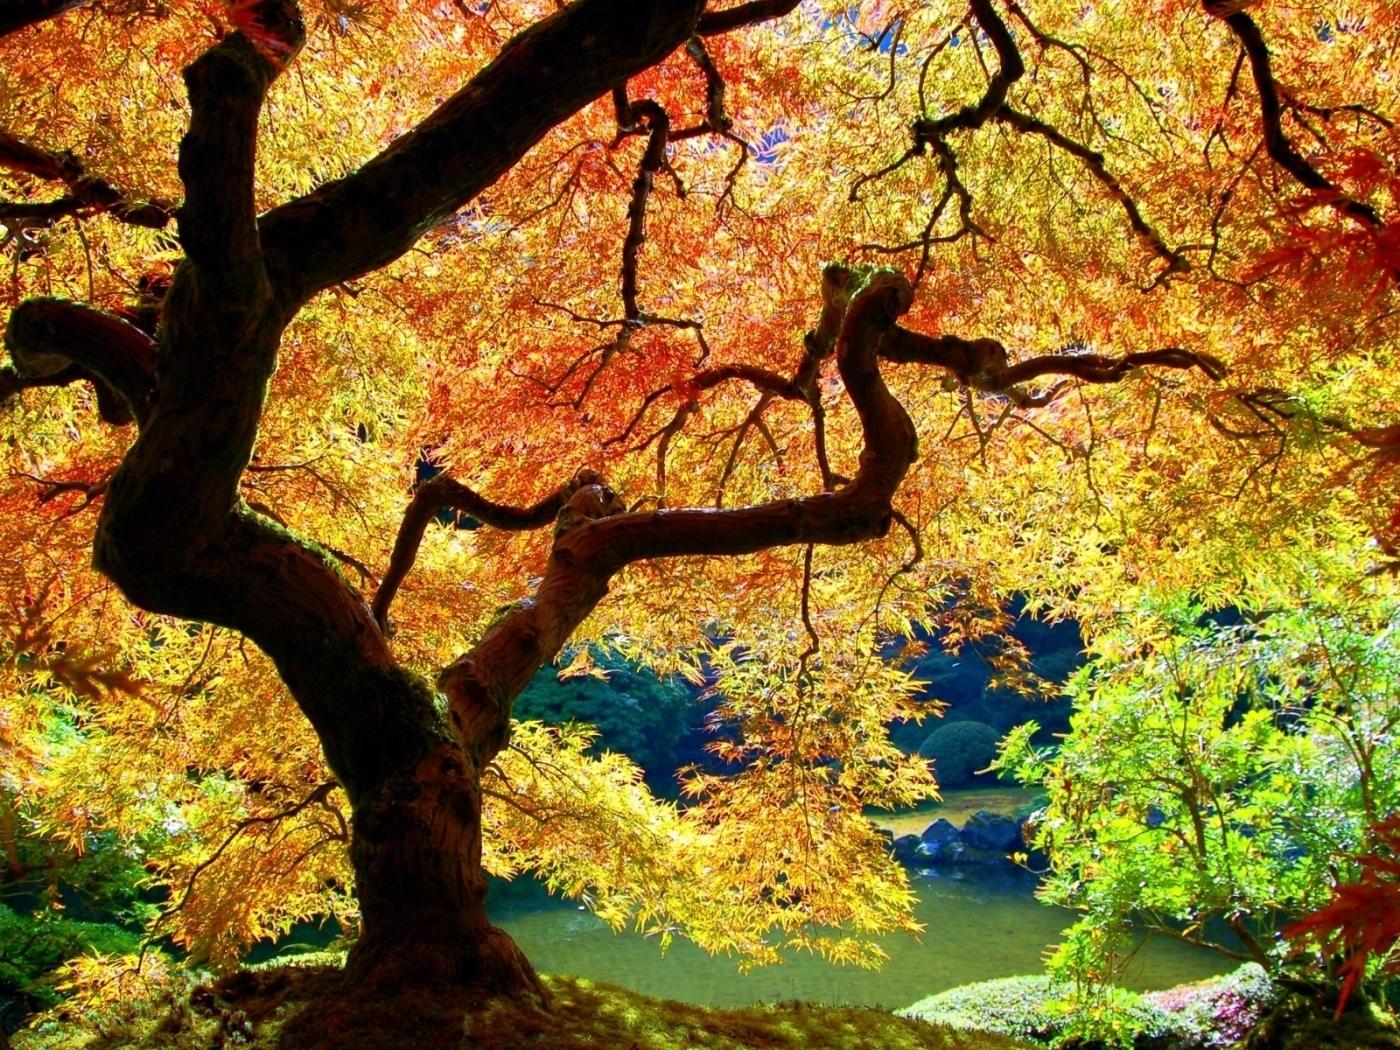 26918 скачать обои Растения, Пейзаж, Деревья, Осень - заставки и картинки бесплатно